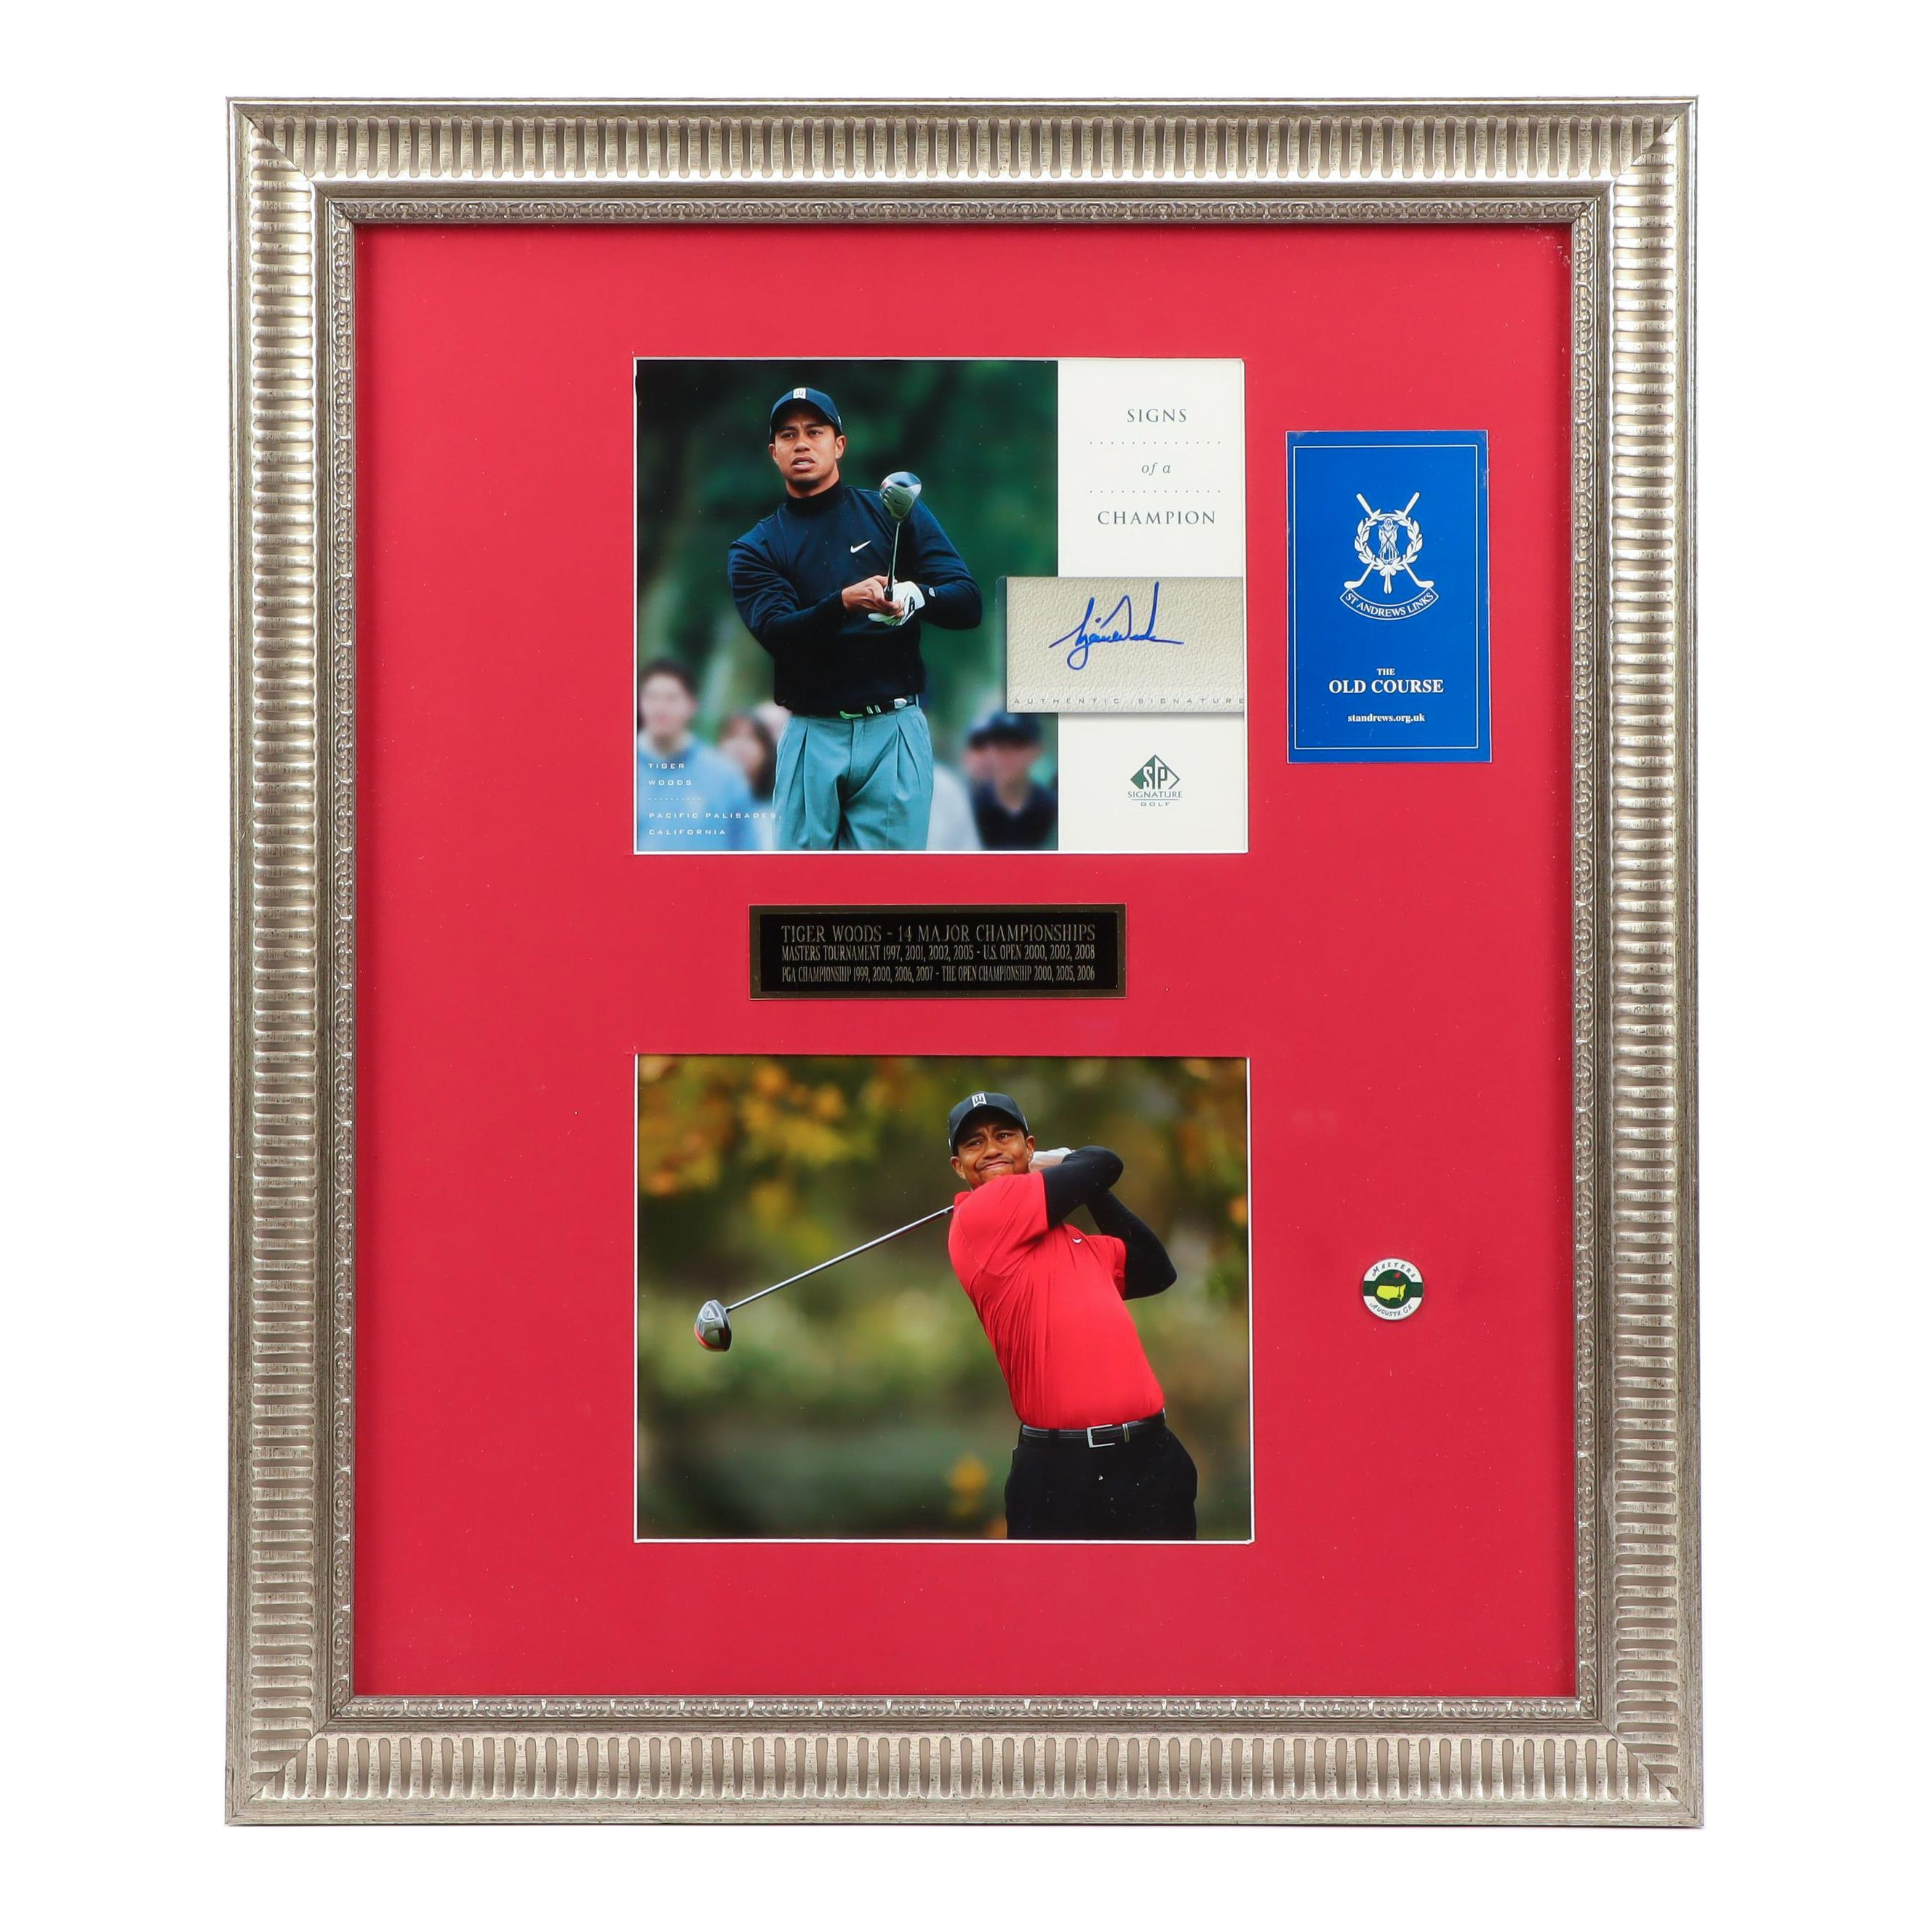 PGA Golfer Tiger Woods Signed Upper Deck Card Framed Display, Contemporary